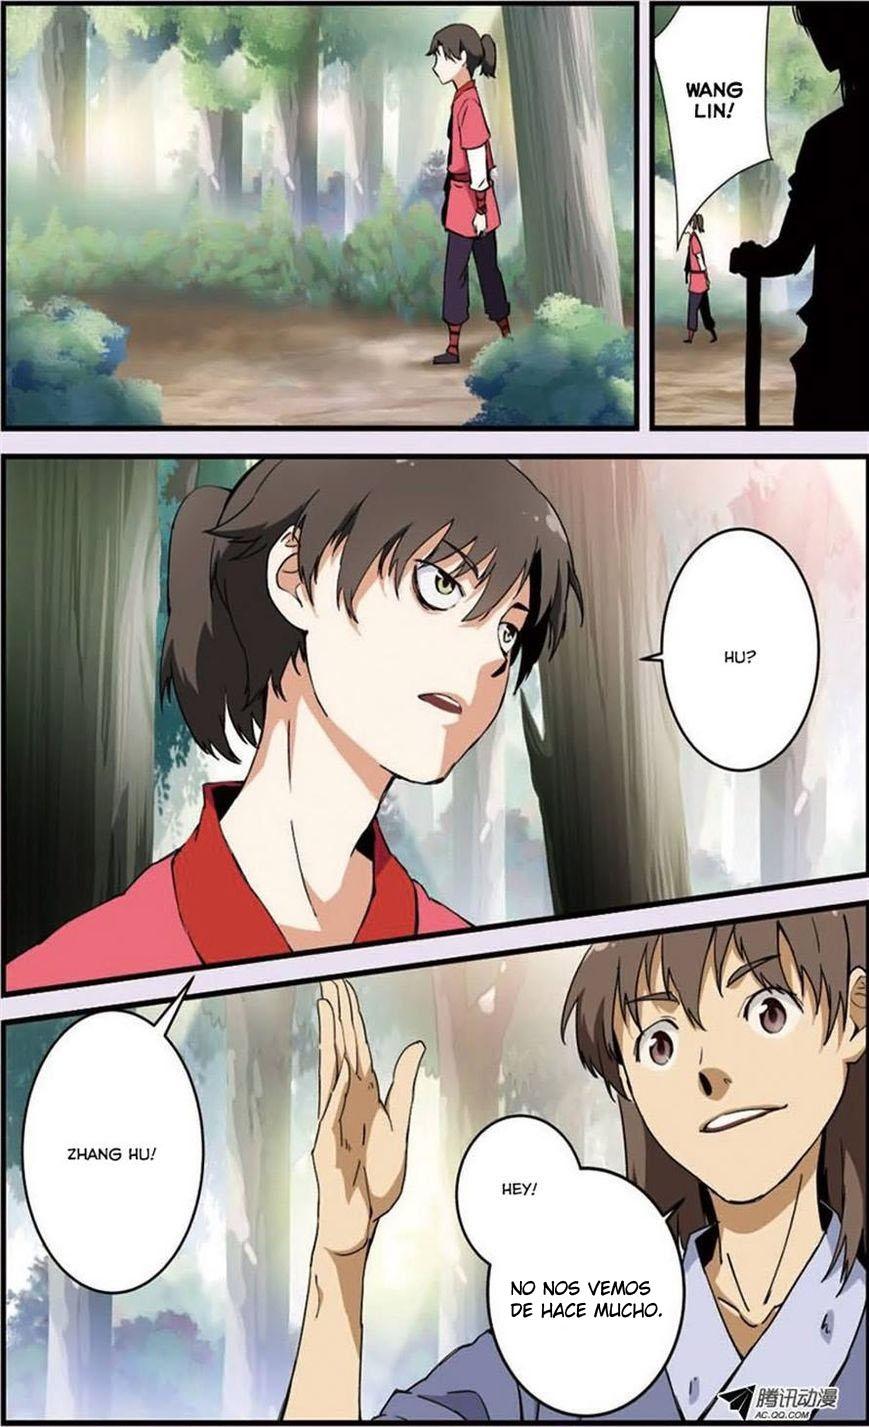 http://c5.ninemanga.com/es_manga/45/16237/390964/22c95b490feee0556535ea97bafb1319.jpg Page 5